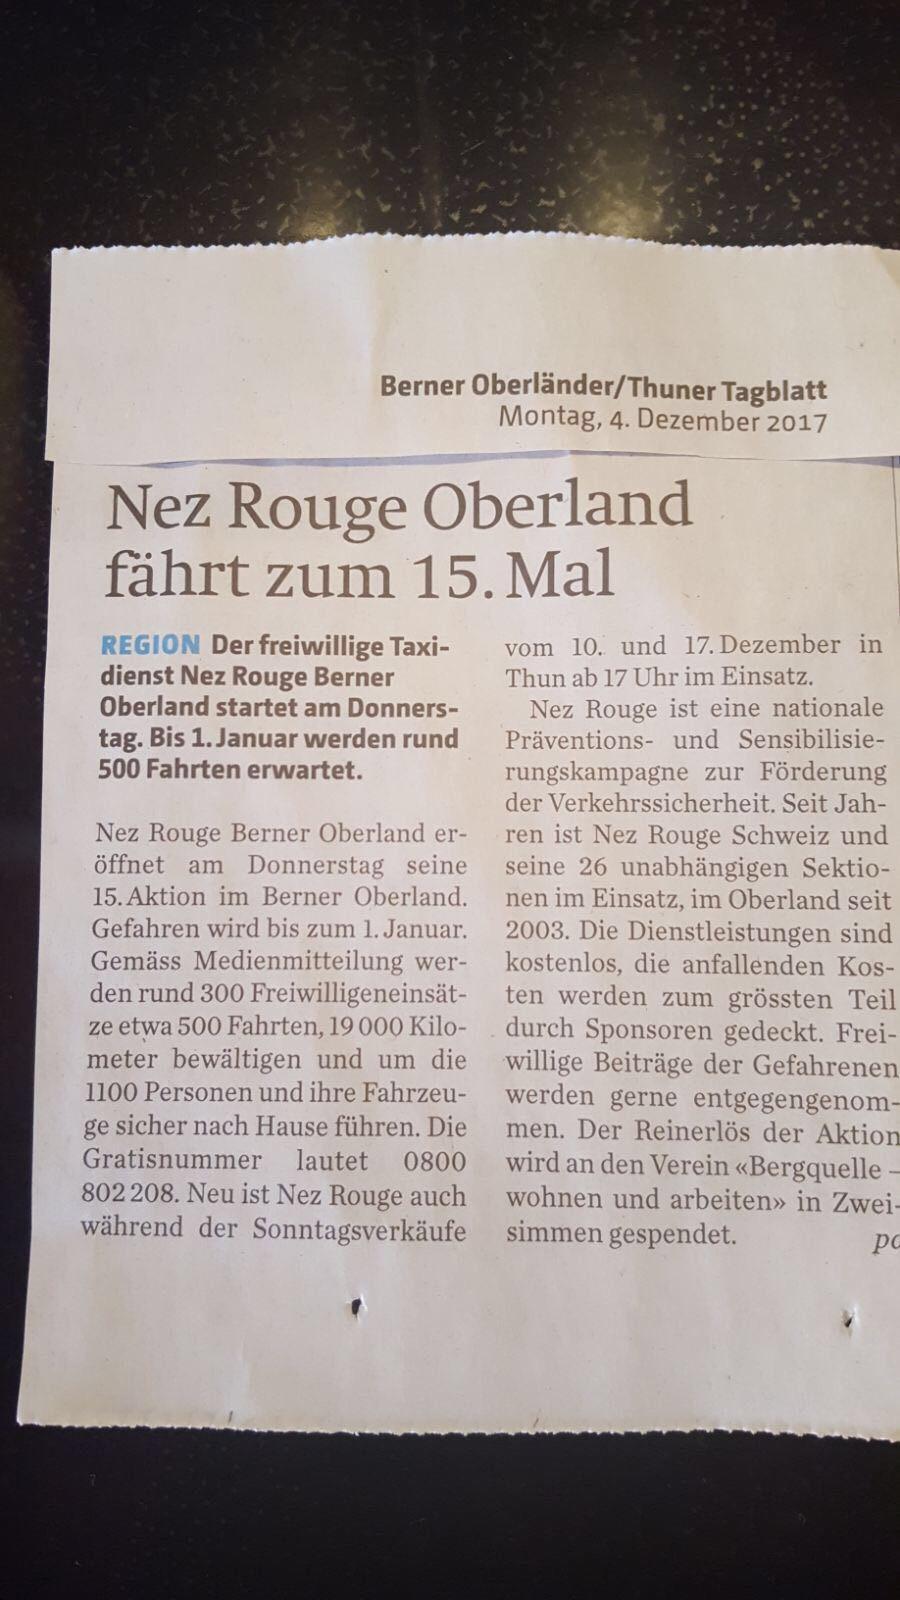 Thuner Tagblatt 4.12.2017 - Pressebericht Thuner Tagblatt